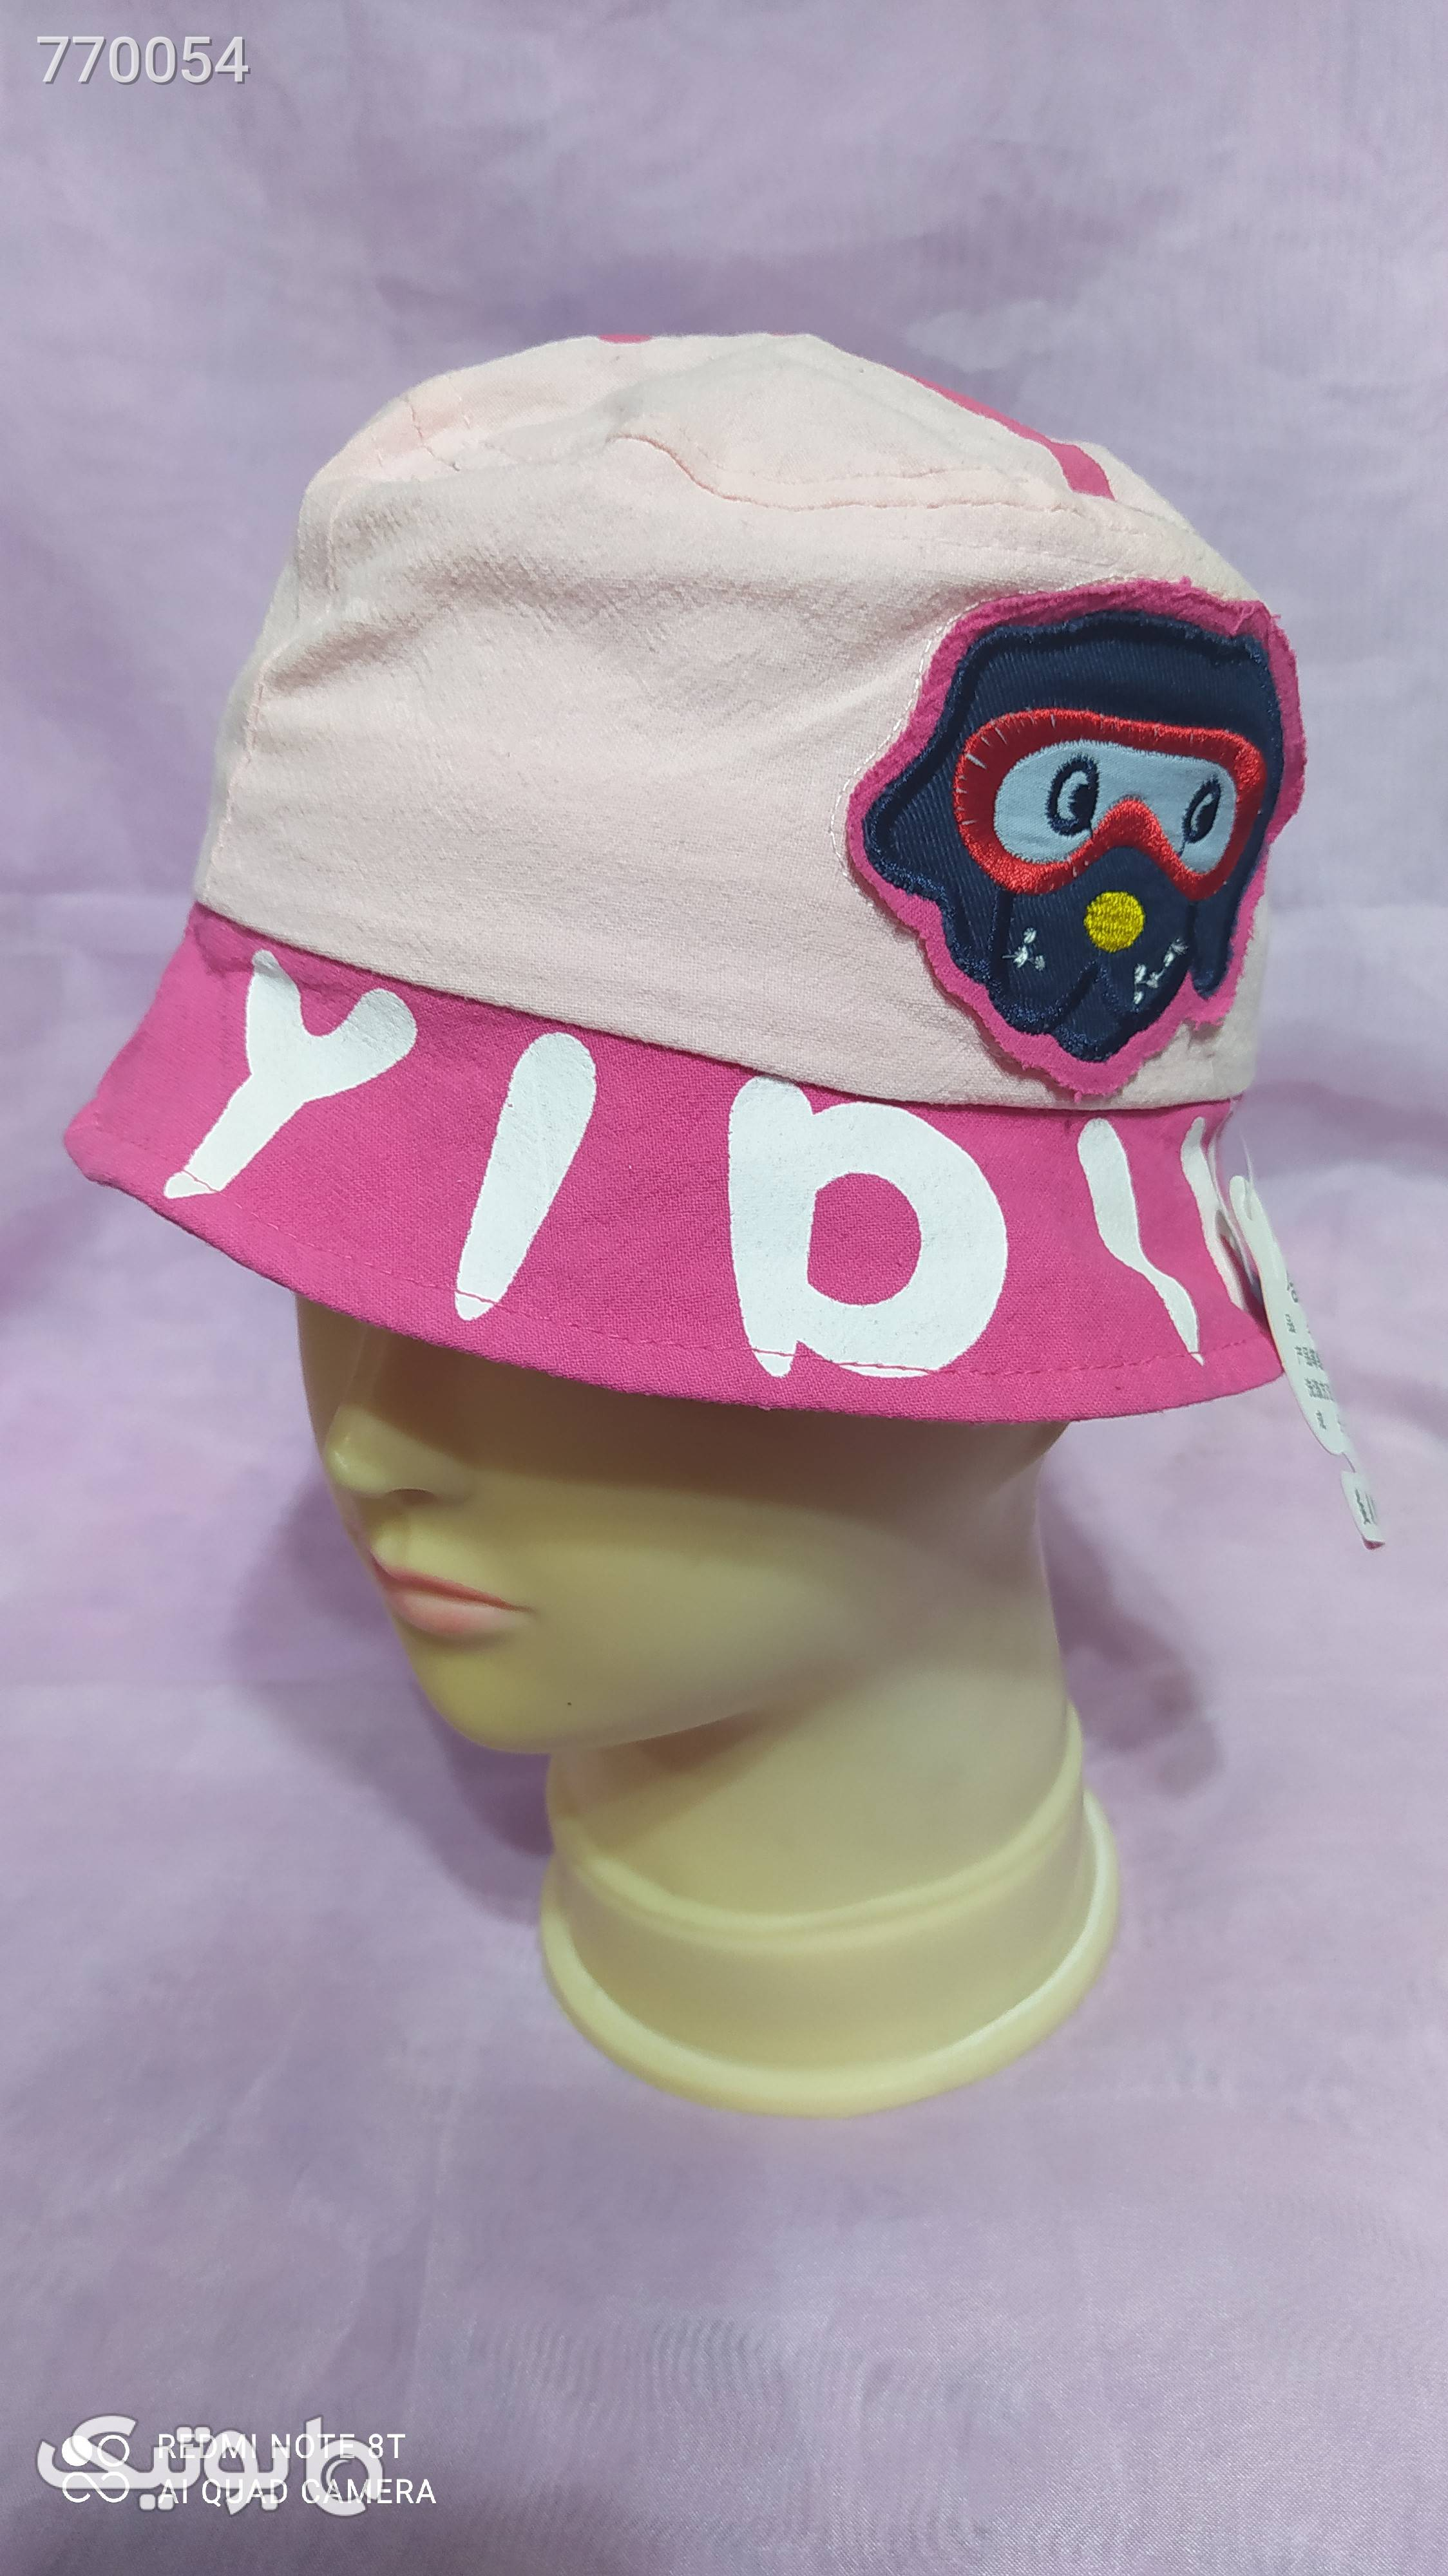 کلاه نخی بچگانه زرد کلاه و اسکارف